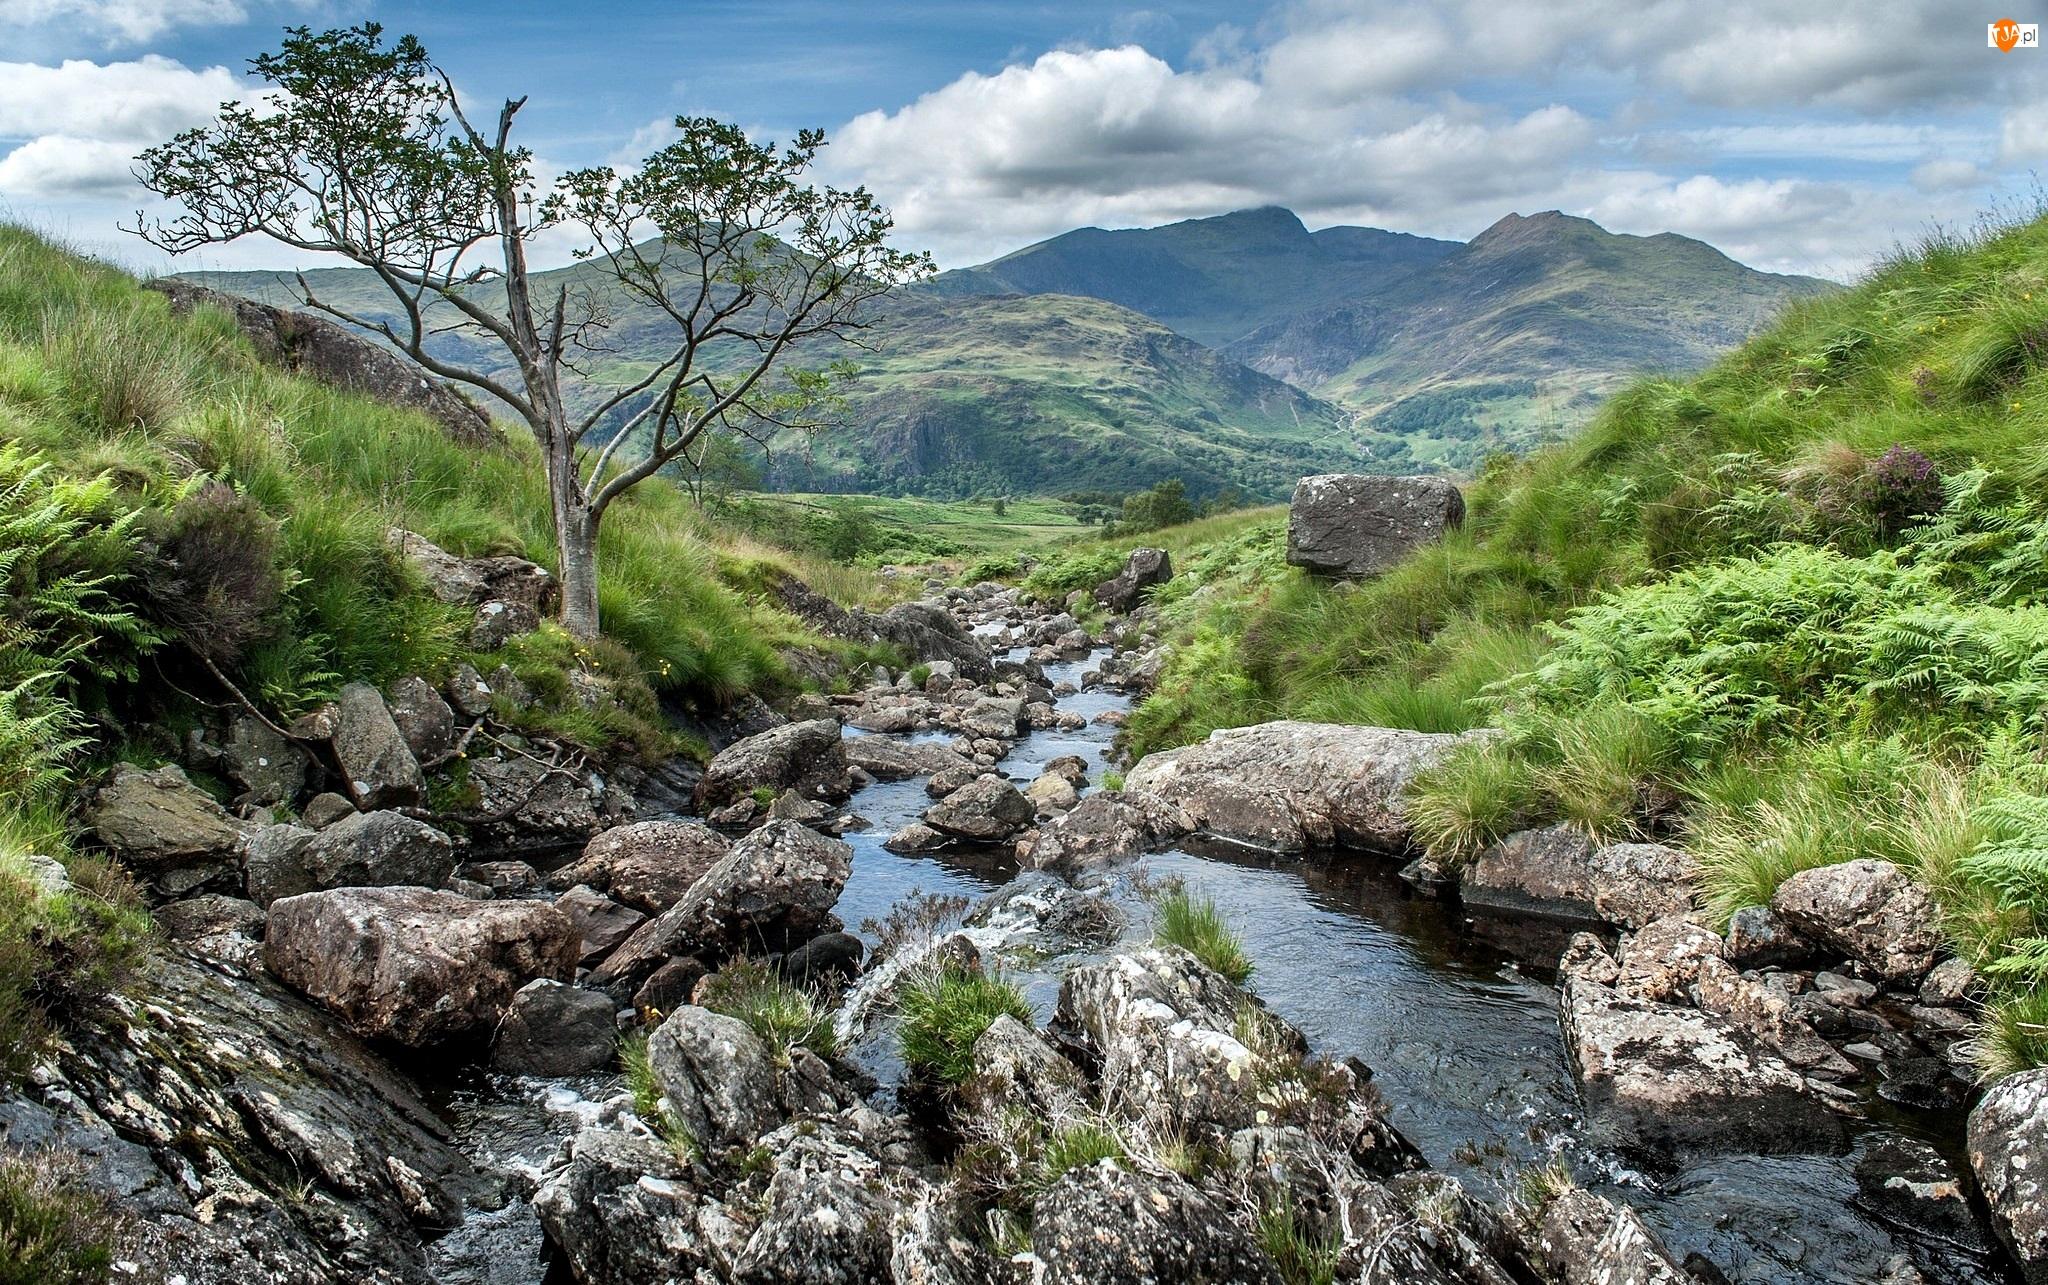 Wzgórza, Kamienie, Walia, Drzewo, Park Narodowy Snowdonia, Rzeczka